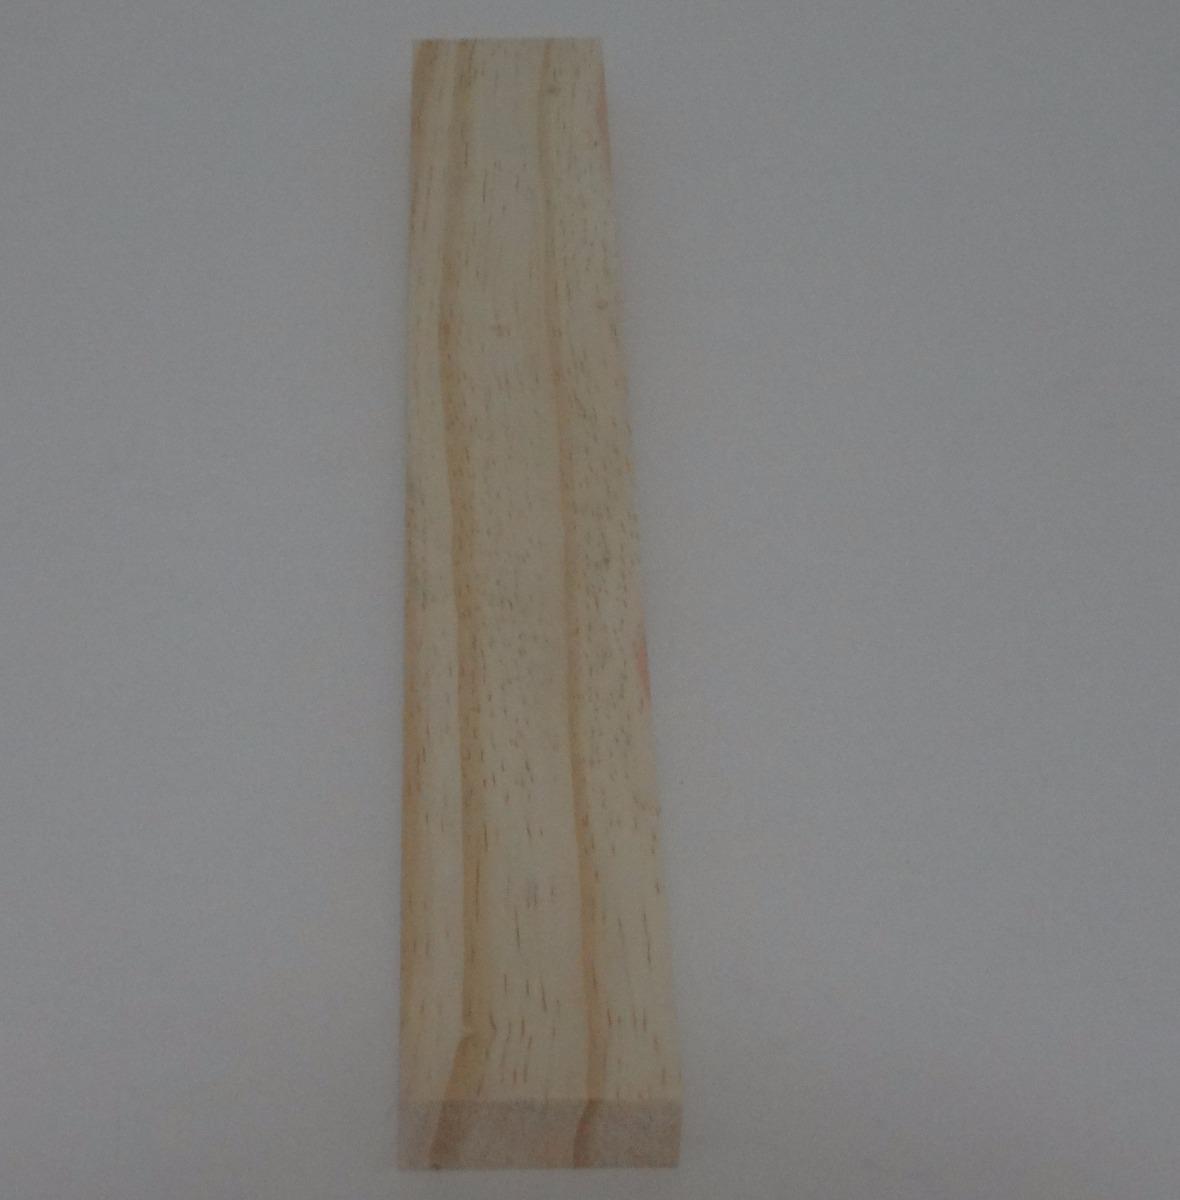 Armario Itatiaia Aço ~ Kit 10 Ripas Madeira Pinus Crua Artesanato 46 Cm X 5 Cm R$ 20,00 em Mercado Livre